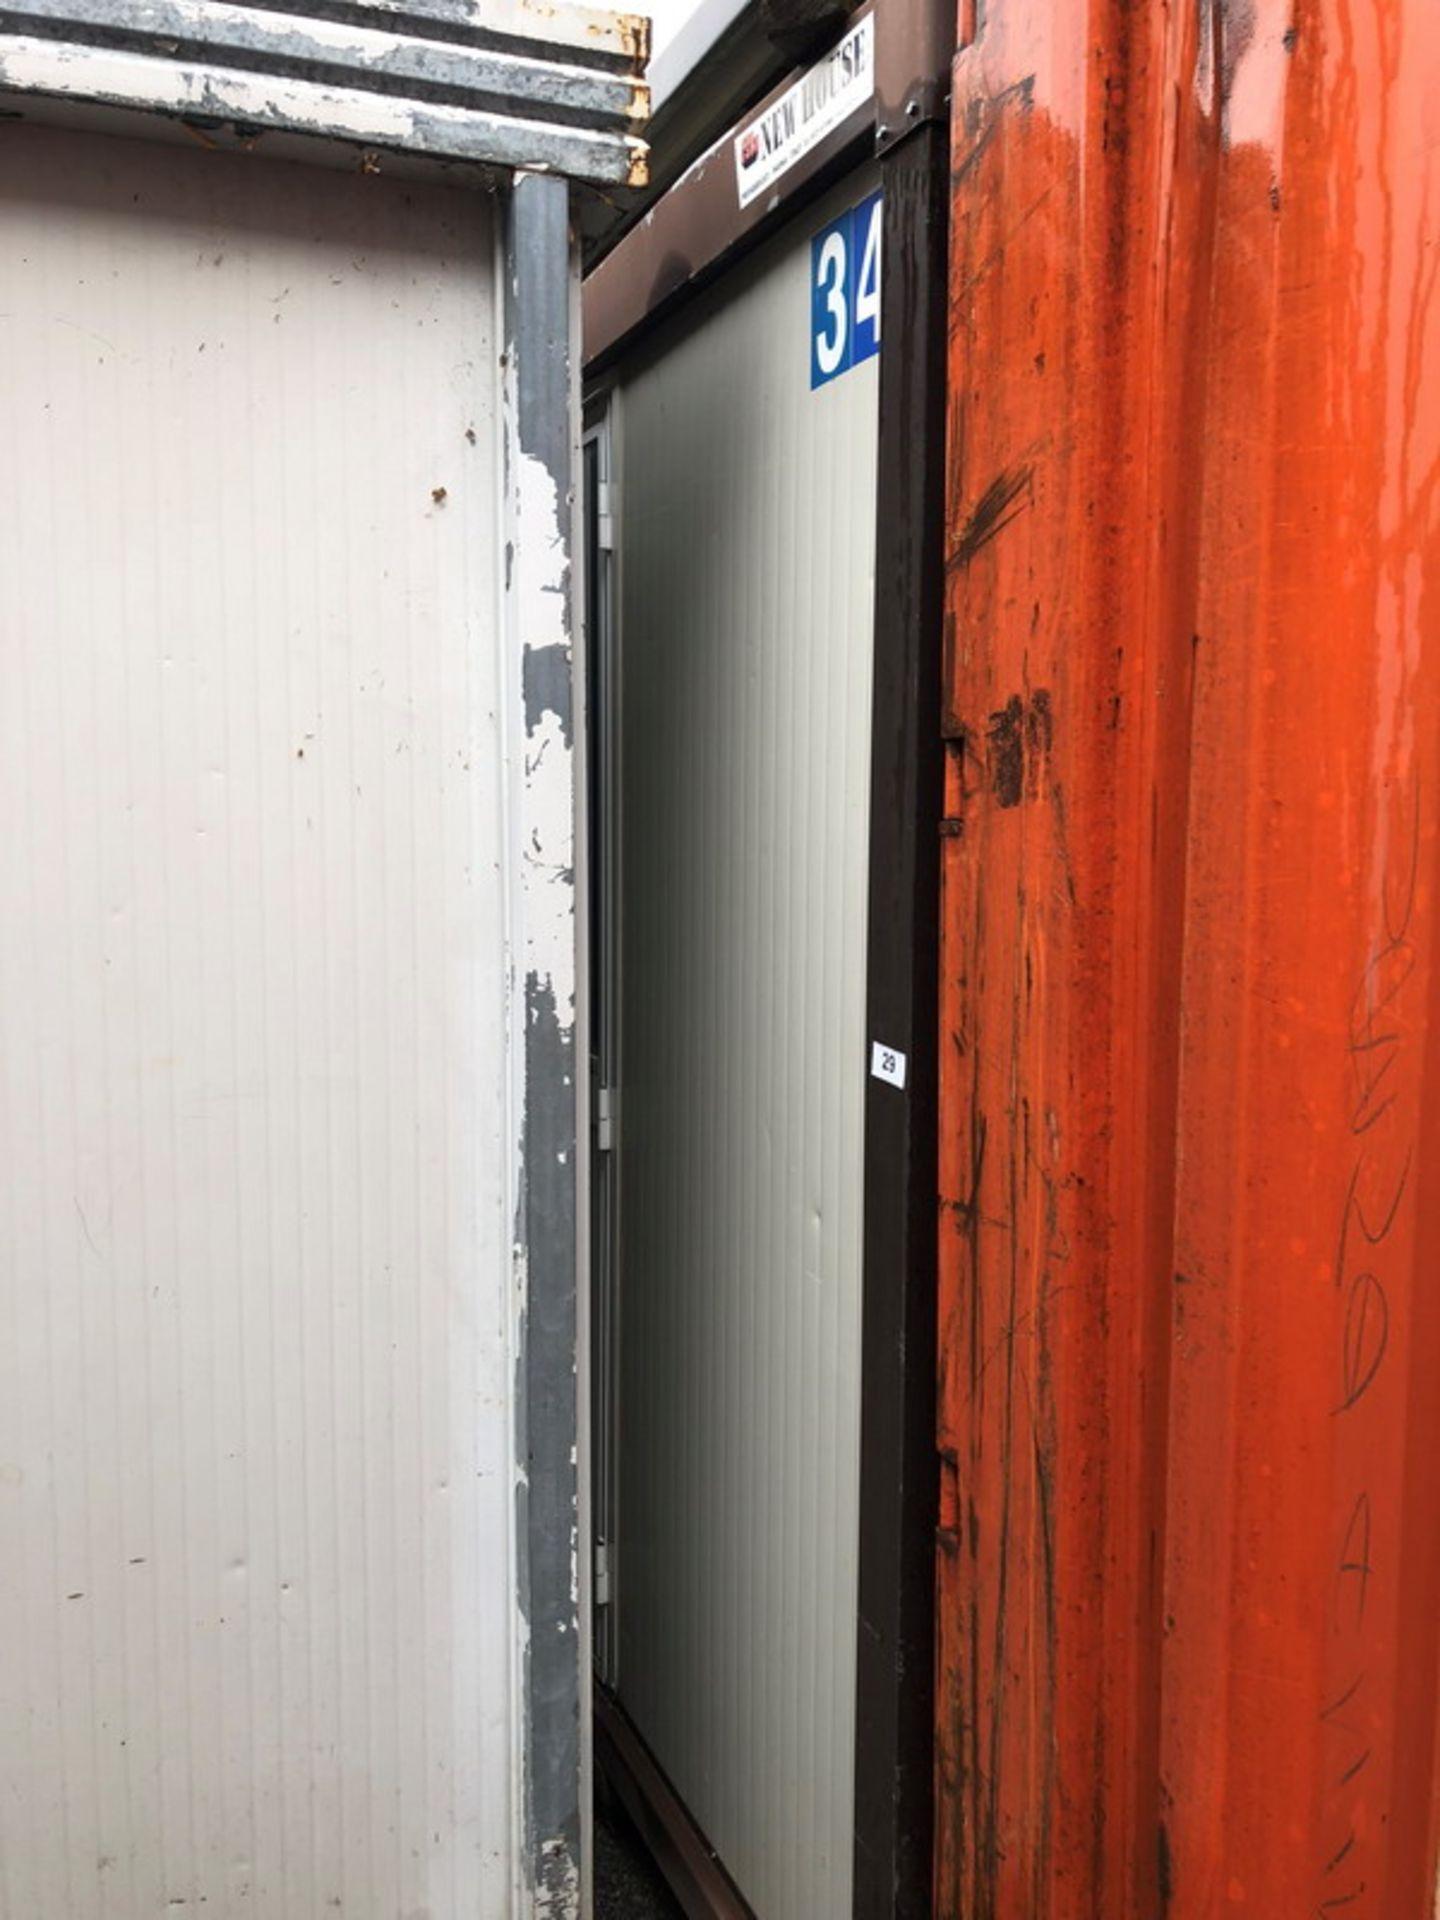 Lot 327 - N. 29 (768 FALLIMENTO) BARACCA N. 34 DIMENSIONE 6,10X2,40 MENSA E SPOGLIATOIO, PRIVA DI